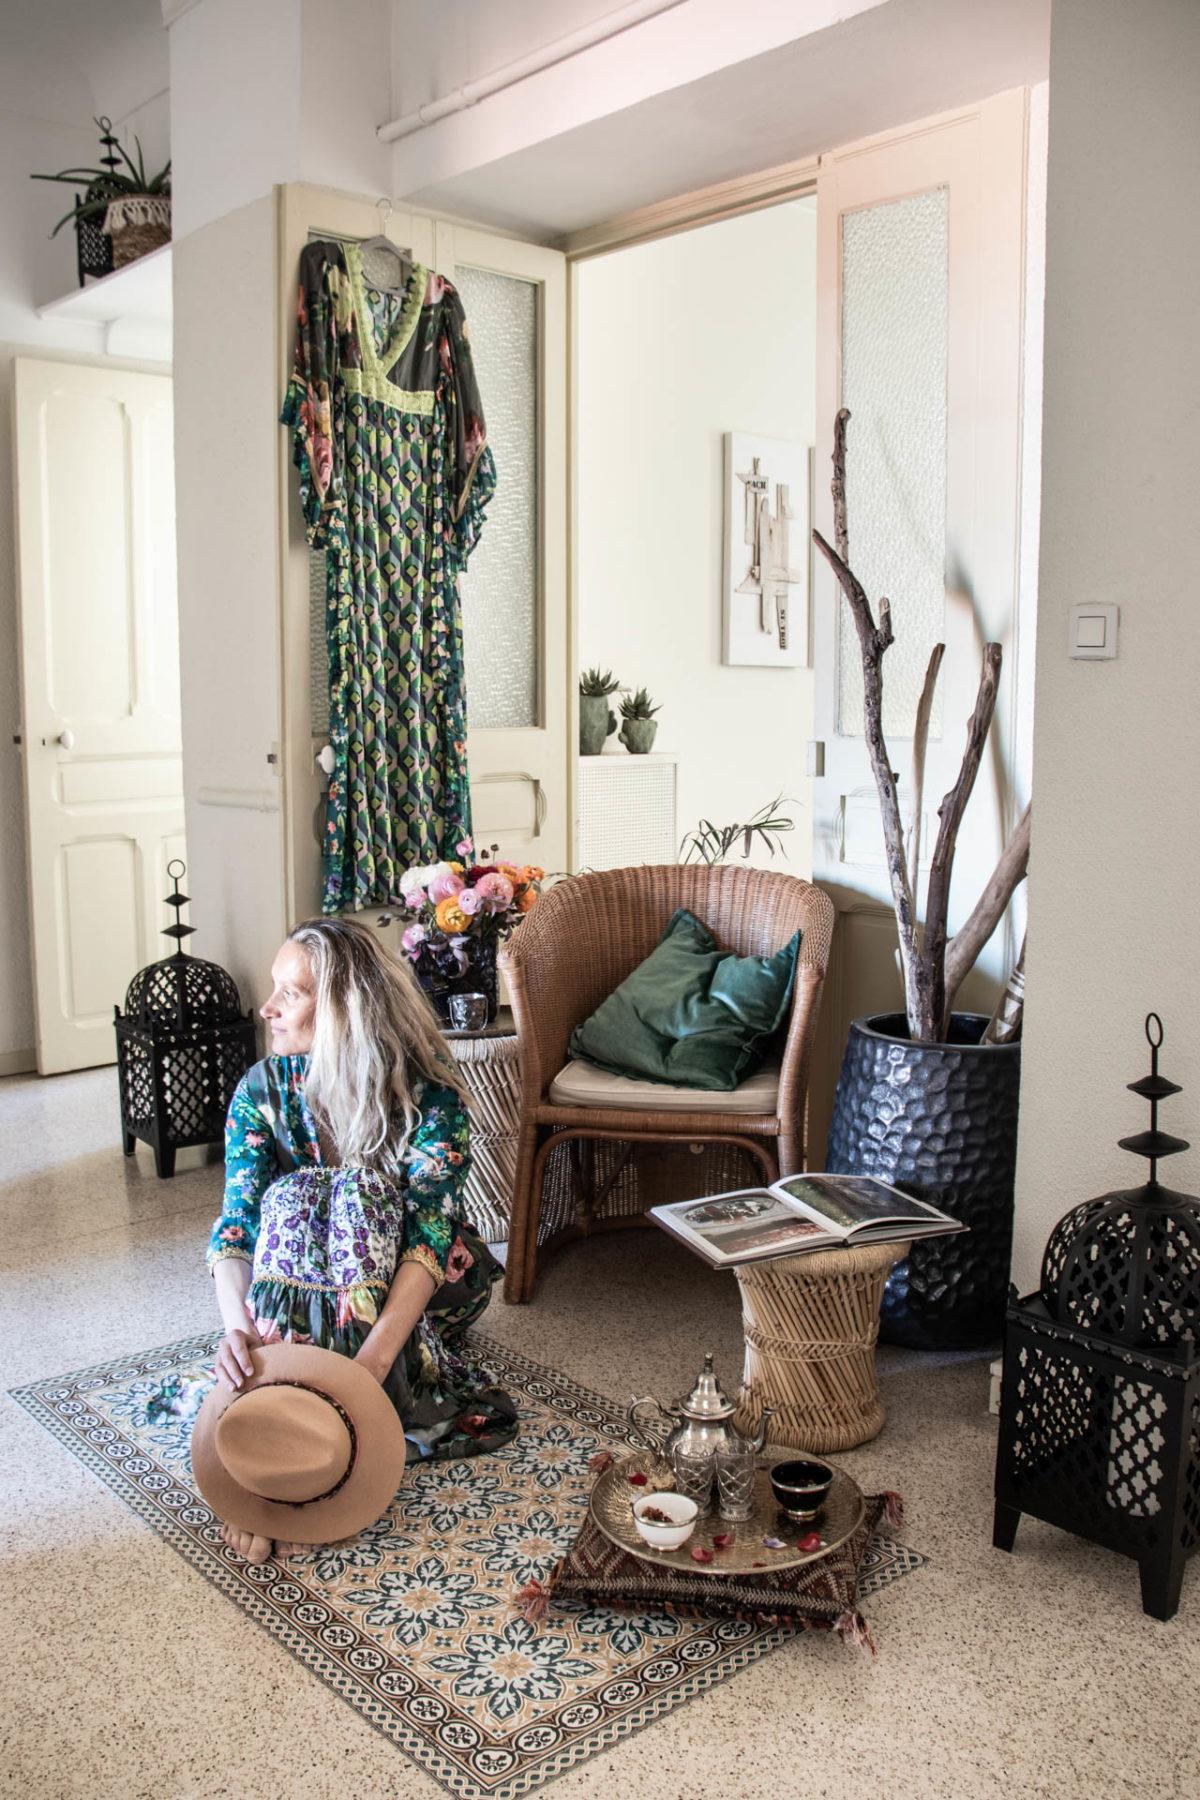 Zeitgeist Living Shahé lélé blue dresses & cozy Flur